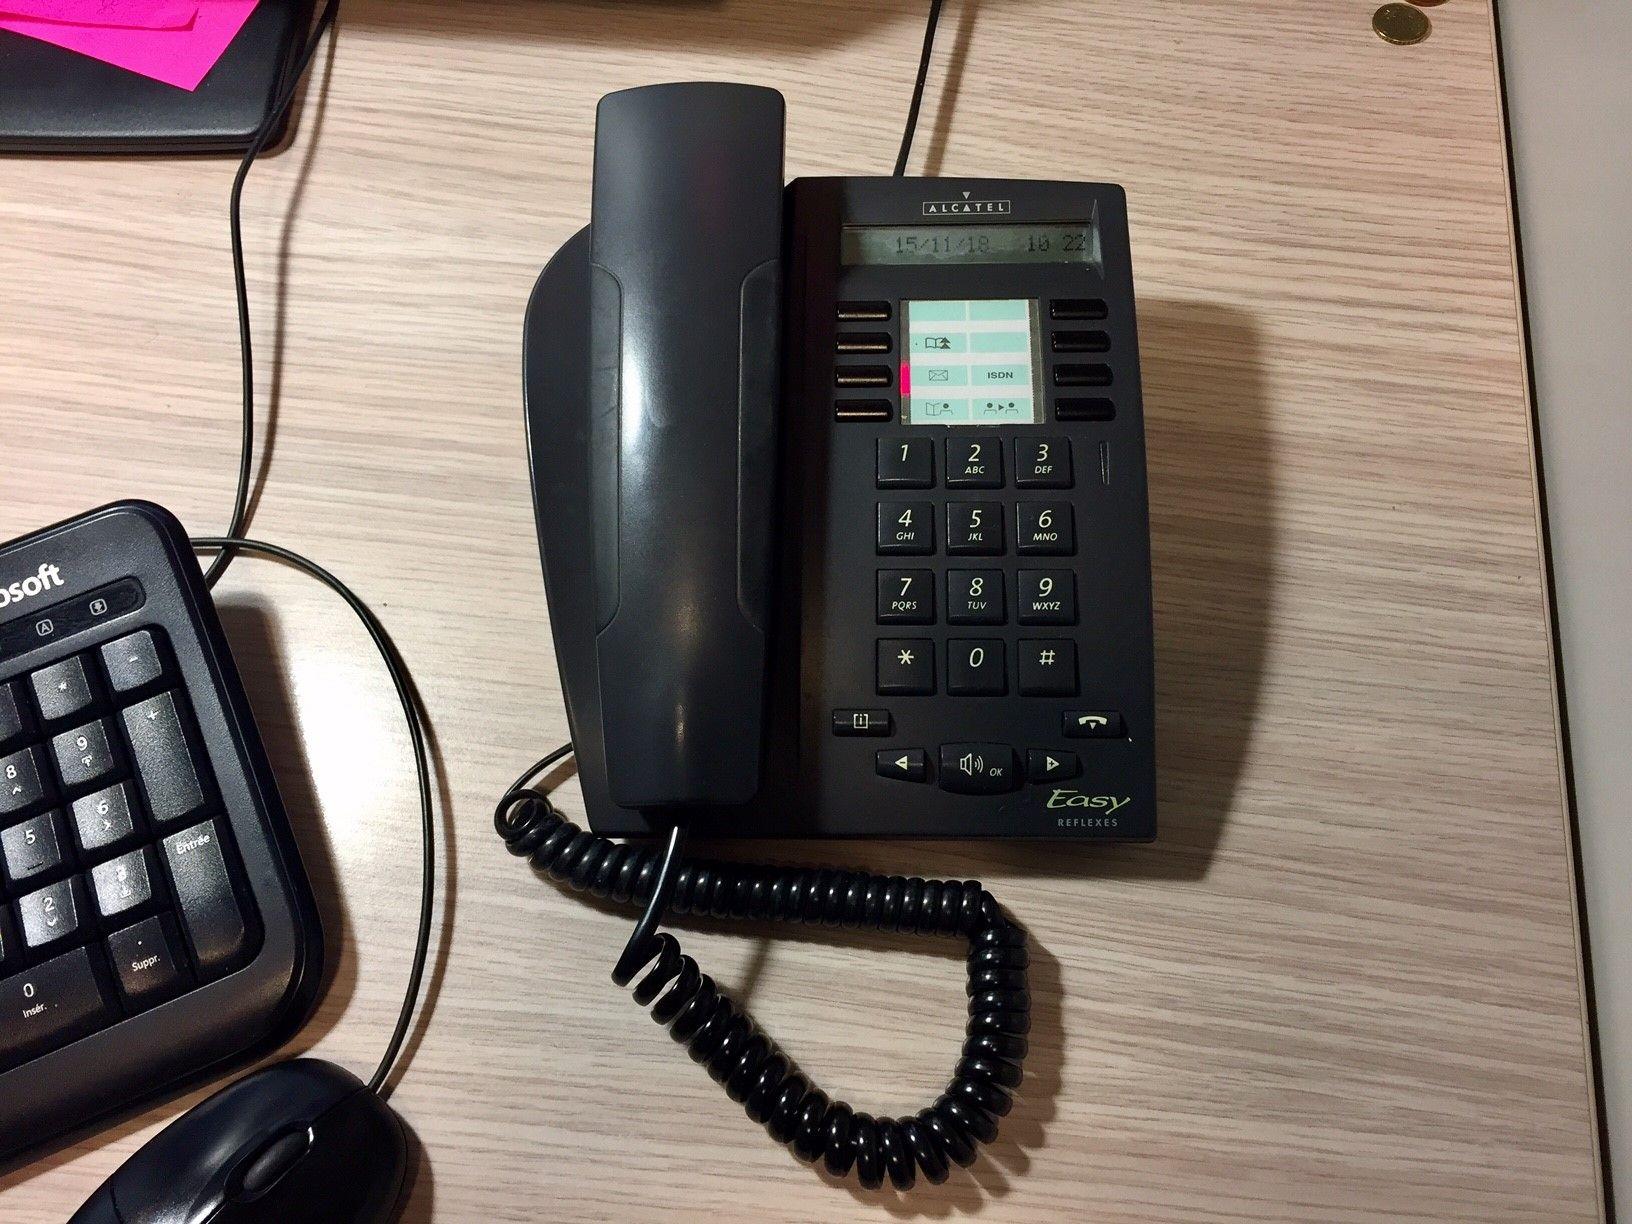 Brancher le vieux téléphone rotatif message drôle de site de rencontre